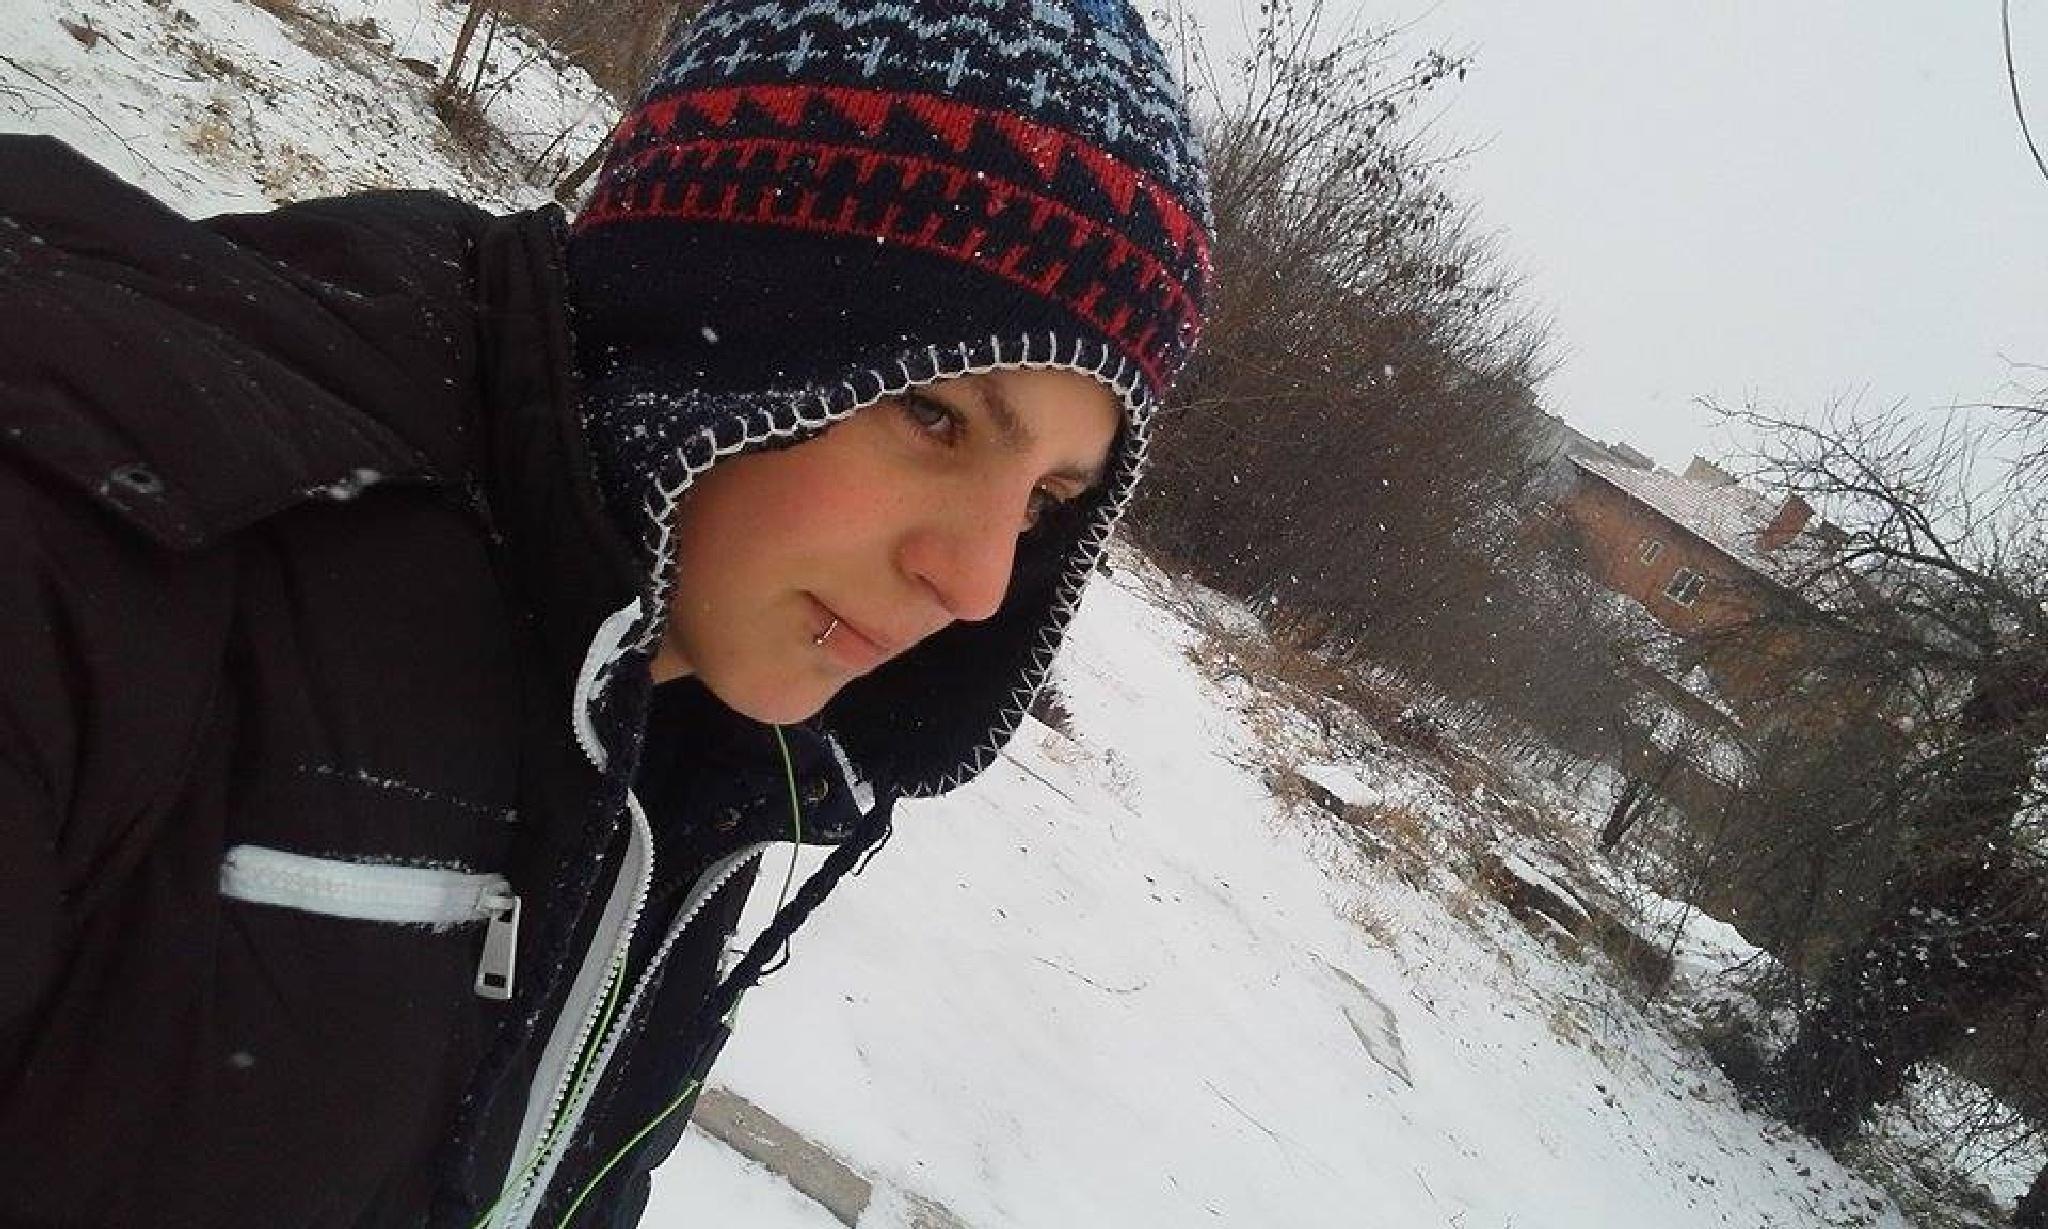 счастлив первый снег by nanozen